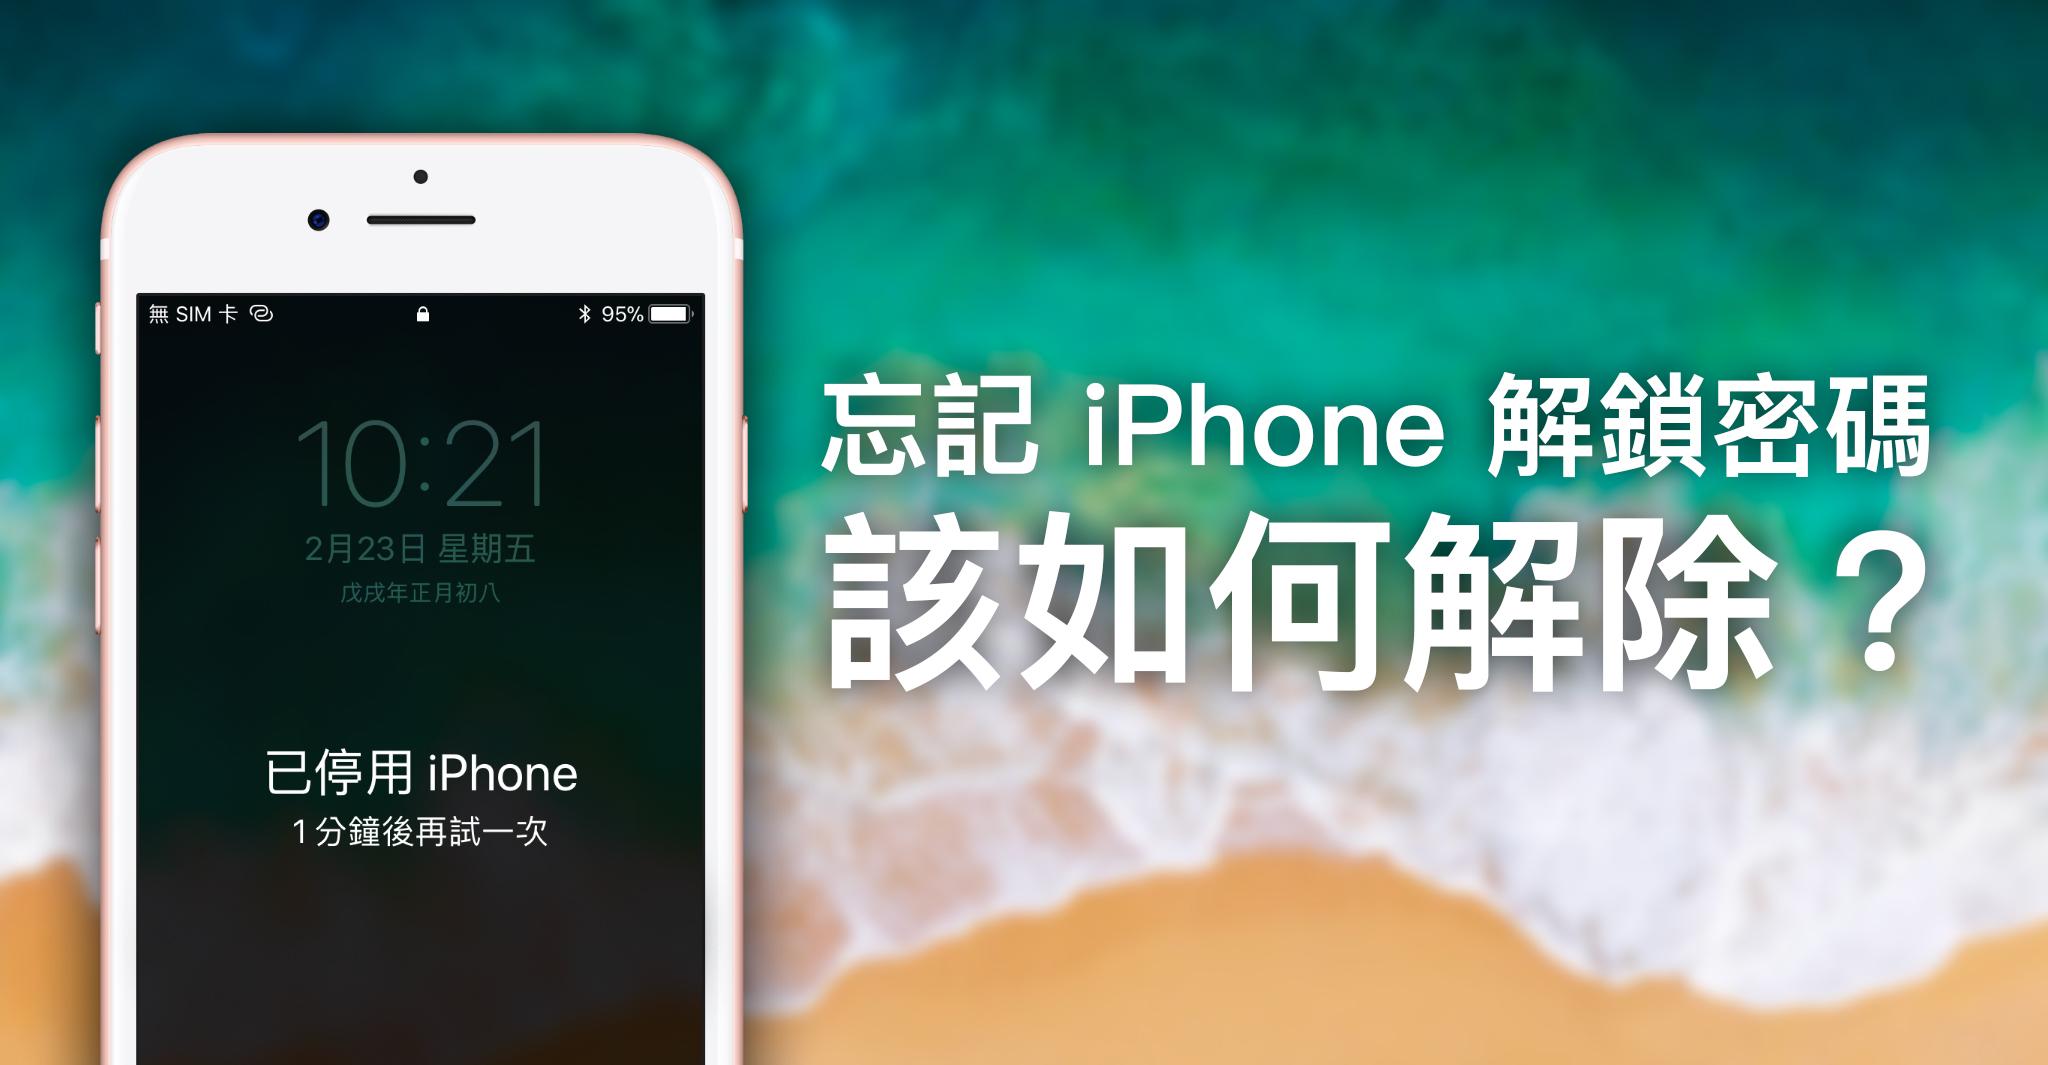 忘記 iPhone 解鎖密碼,該如何解除?